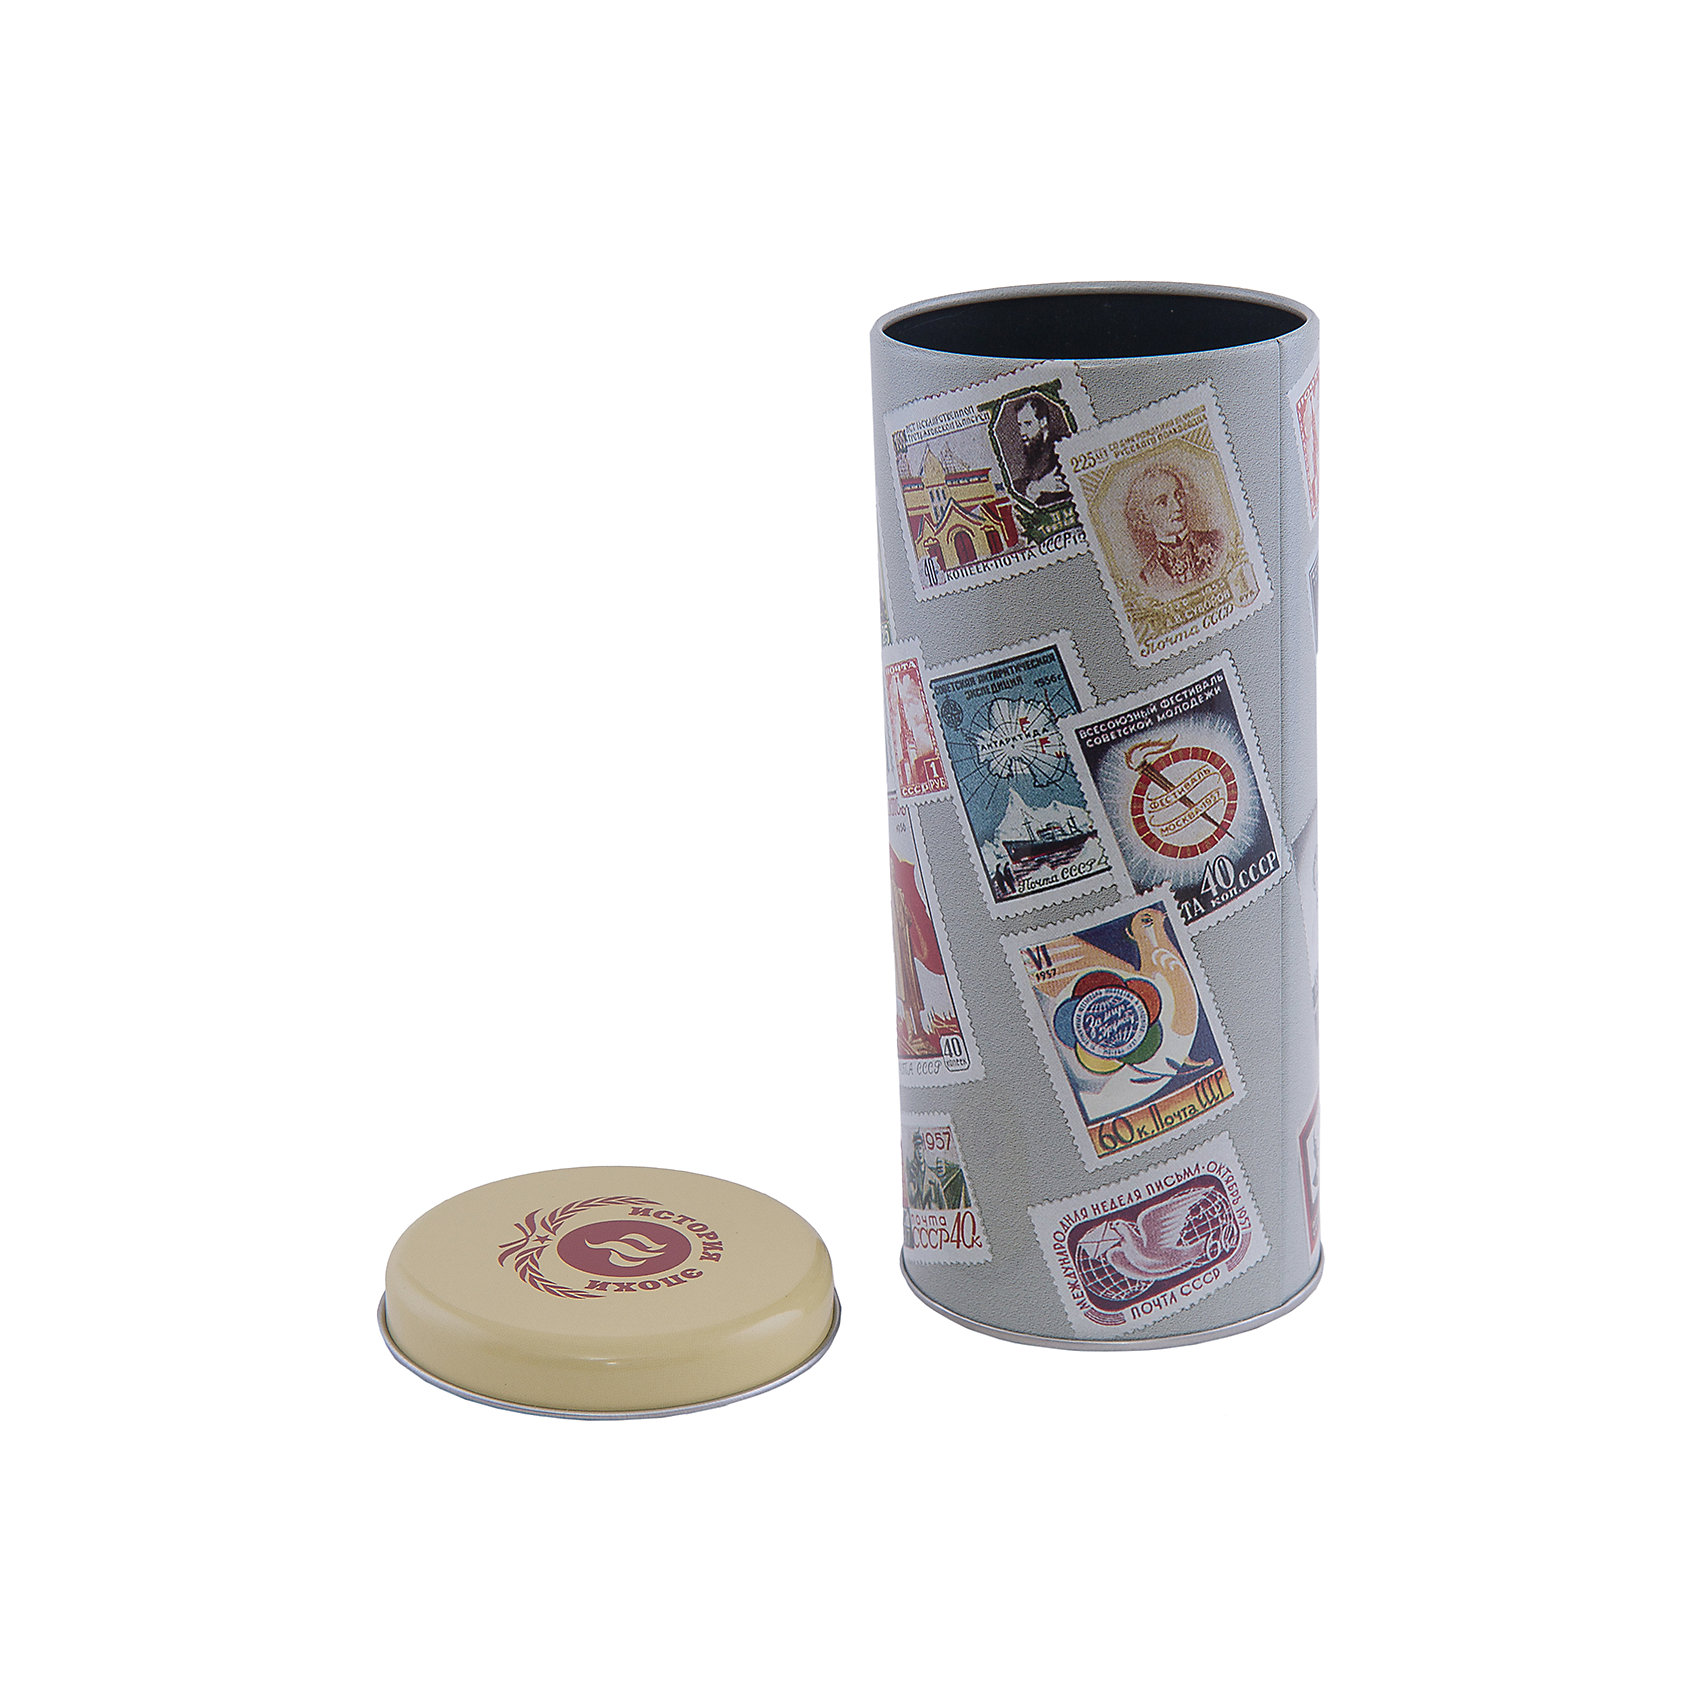 Емкость для сыпучих продуктов Почтовые марки 800млЕмкость для сыпучих продуктов Почтовые марки изготовлена из металла и украшена рисунком с изображением различных марок. Удобно закрывается крышкой во избежание появления неприятных запахов. В такой емкости удобно хранить чай, крупы, сахар и другие сыпучие предметы. Прекрасно впишется в интерьер кухни!<br><br>Дополнительная информация:<br>Материал: металл<br>Объем: 800 мл<br>Размер: 7,8х7,8х17,8 см<br>Вес: 90 грамм<br><br>Емкость для сыпучих продуктов Почтовые марки можно купить в нашем интернет-магазине.<br><br>Ширина мм: 560<br>Глубина мм: 340<br>Высота мм: 480<br>Вес г: 101<br>Возраст от месяцев: 84<br>Возраст до месяцев: 216<br>Пол: Унисекс<br>Возраст: Детский<br>SKU: 4957994